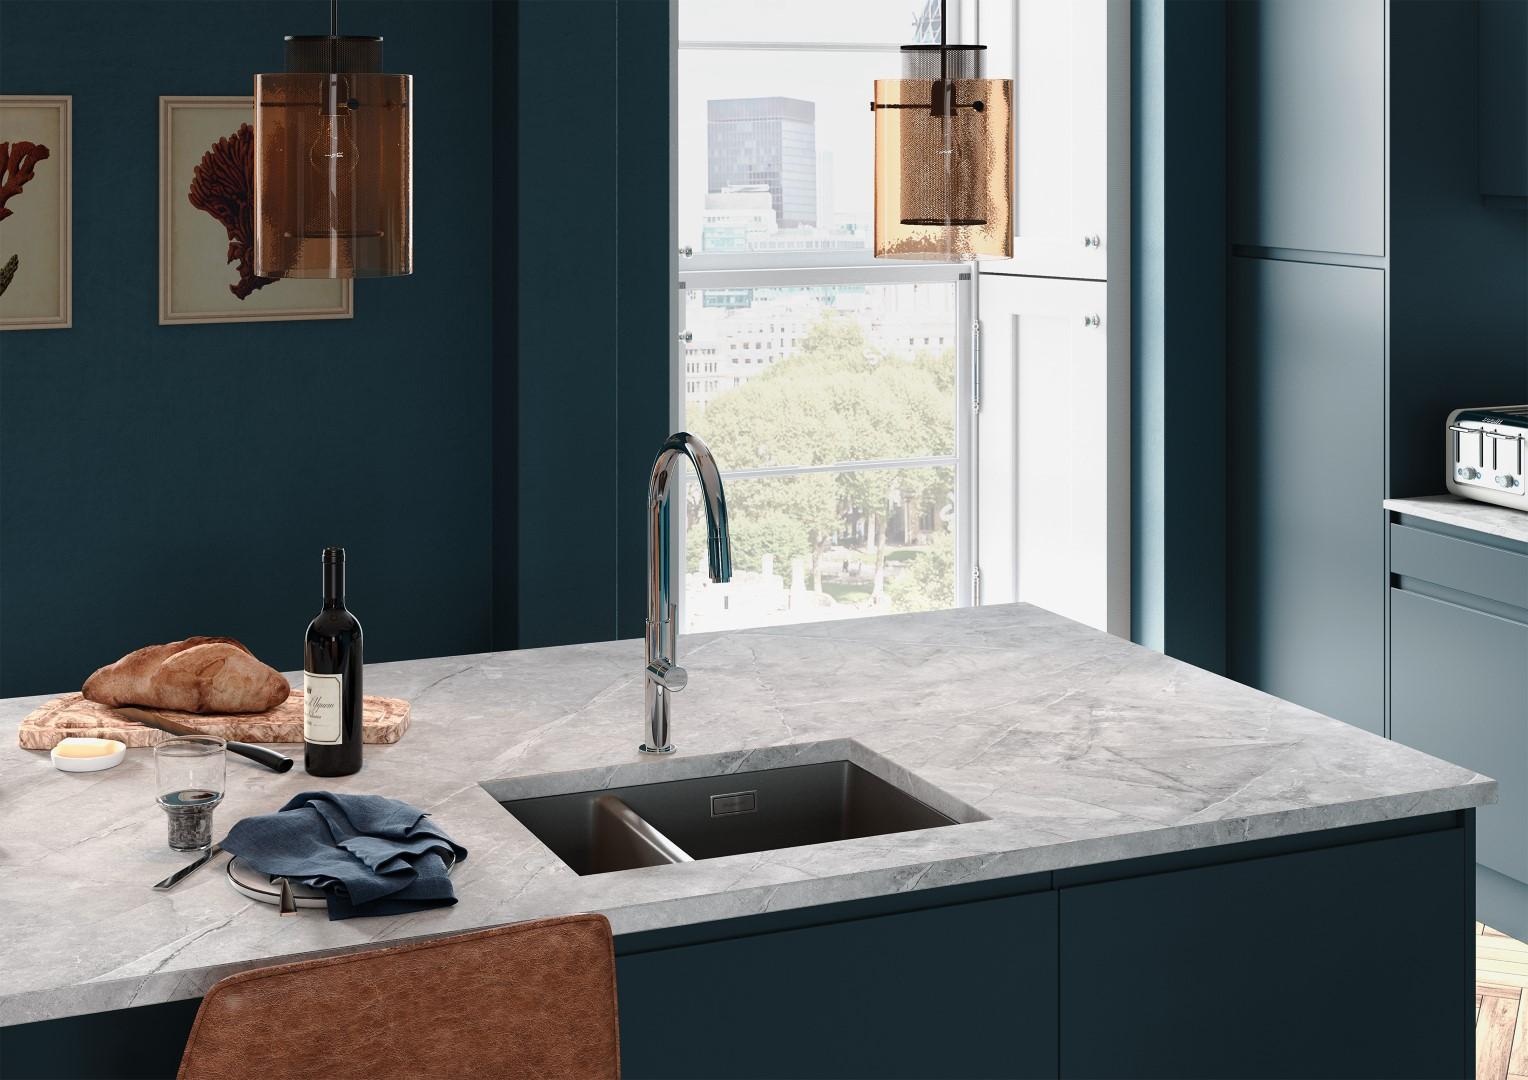 Strada Matte Marine - Kitchen Design - Alan Kelly Kitchens - Waterford - 4